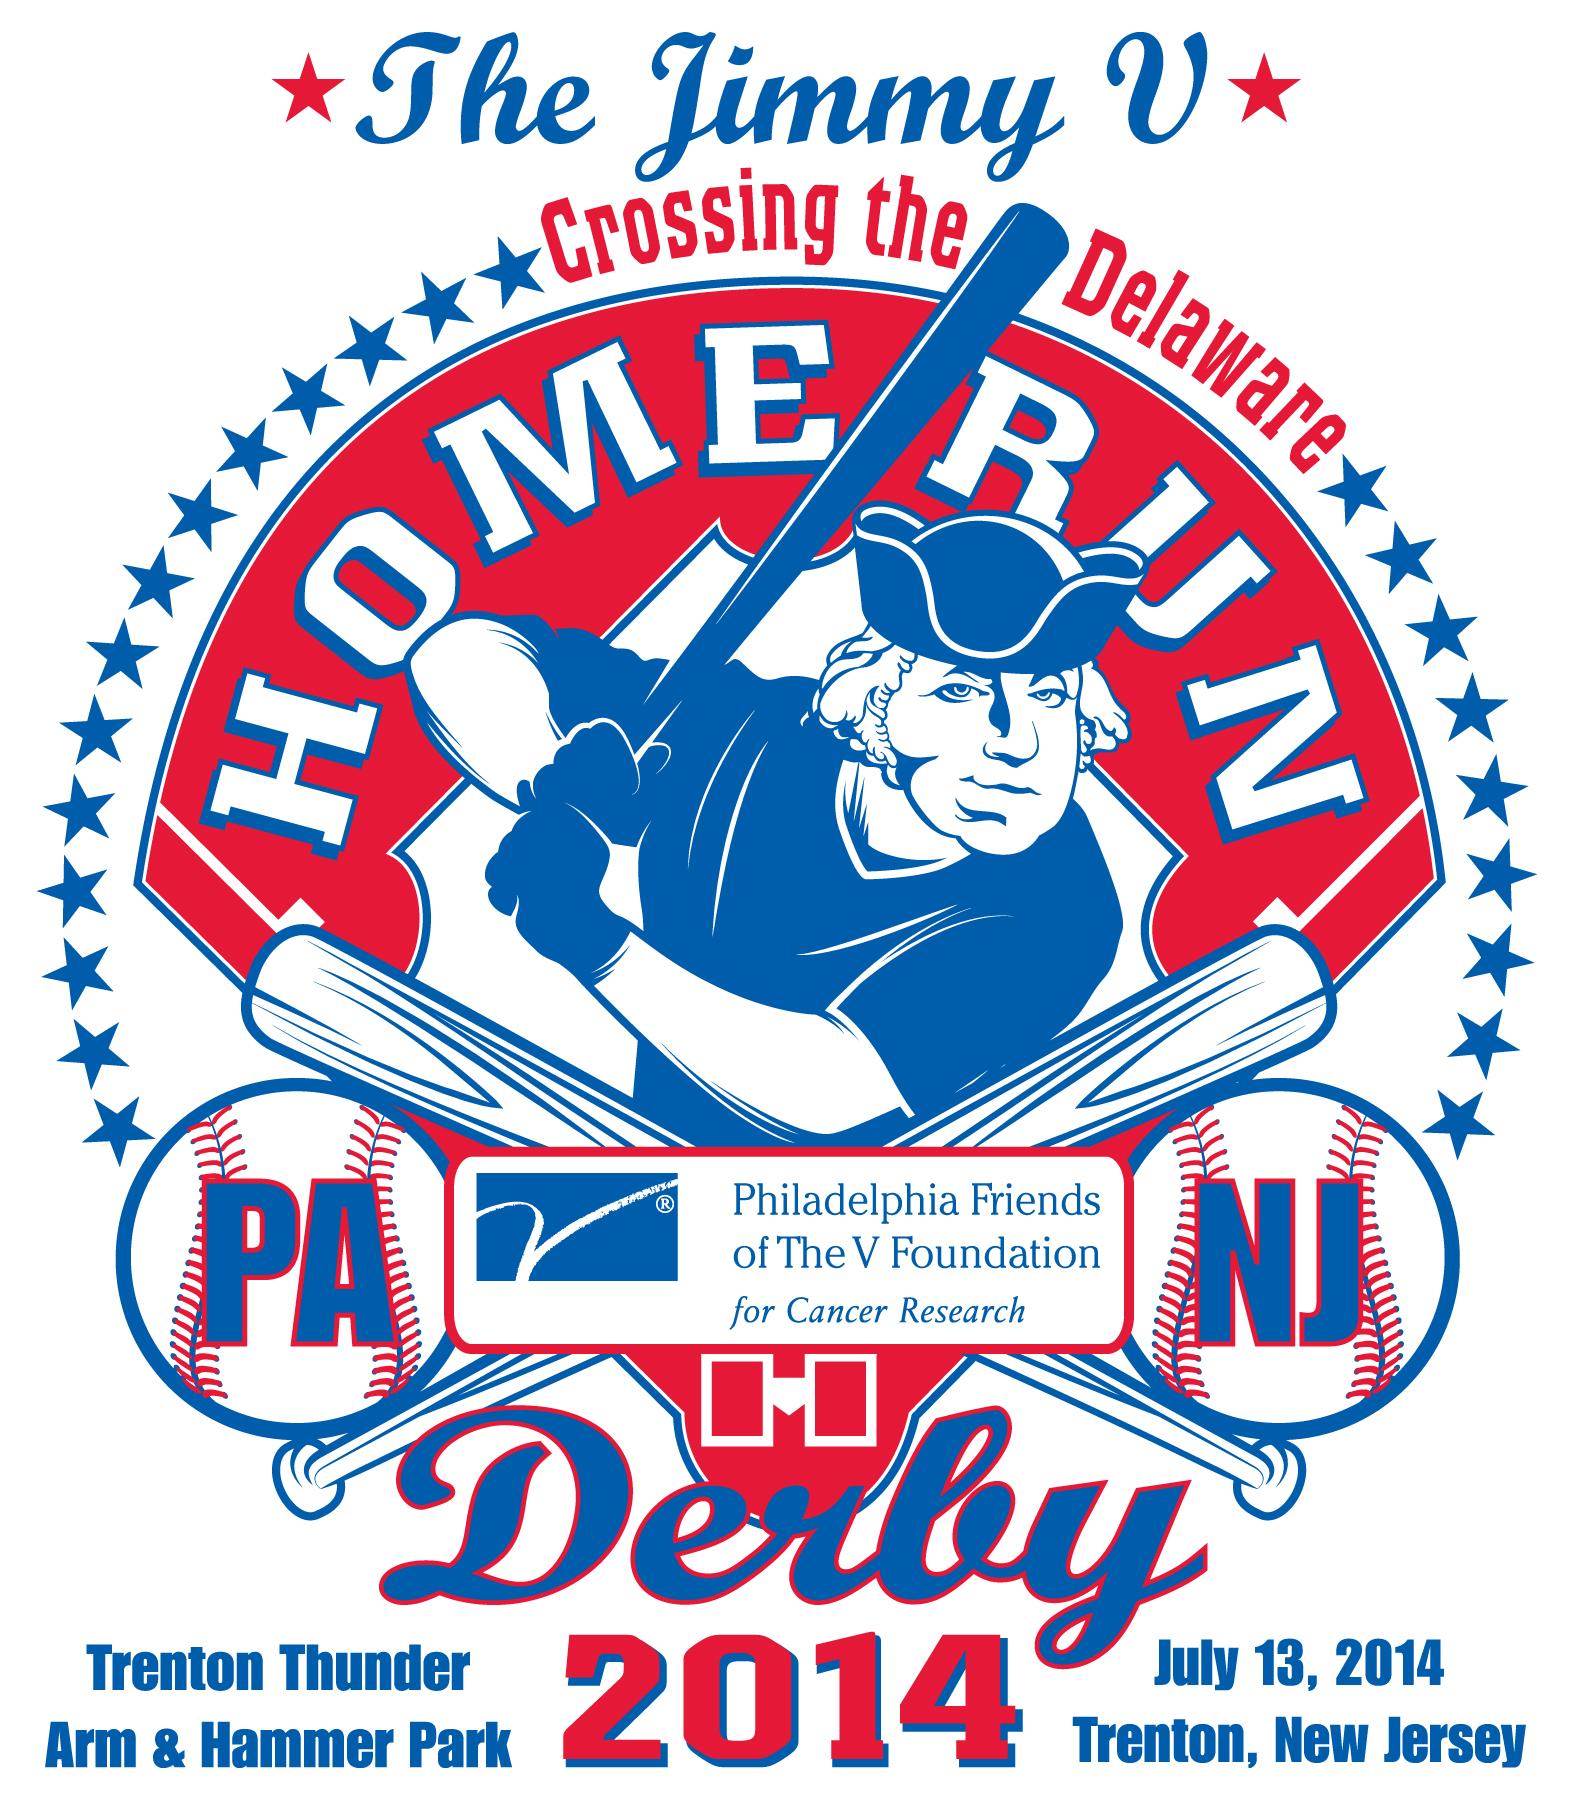 2014 PFOV Home Run Derby